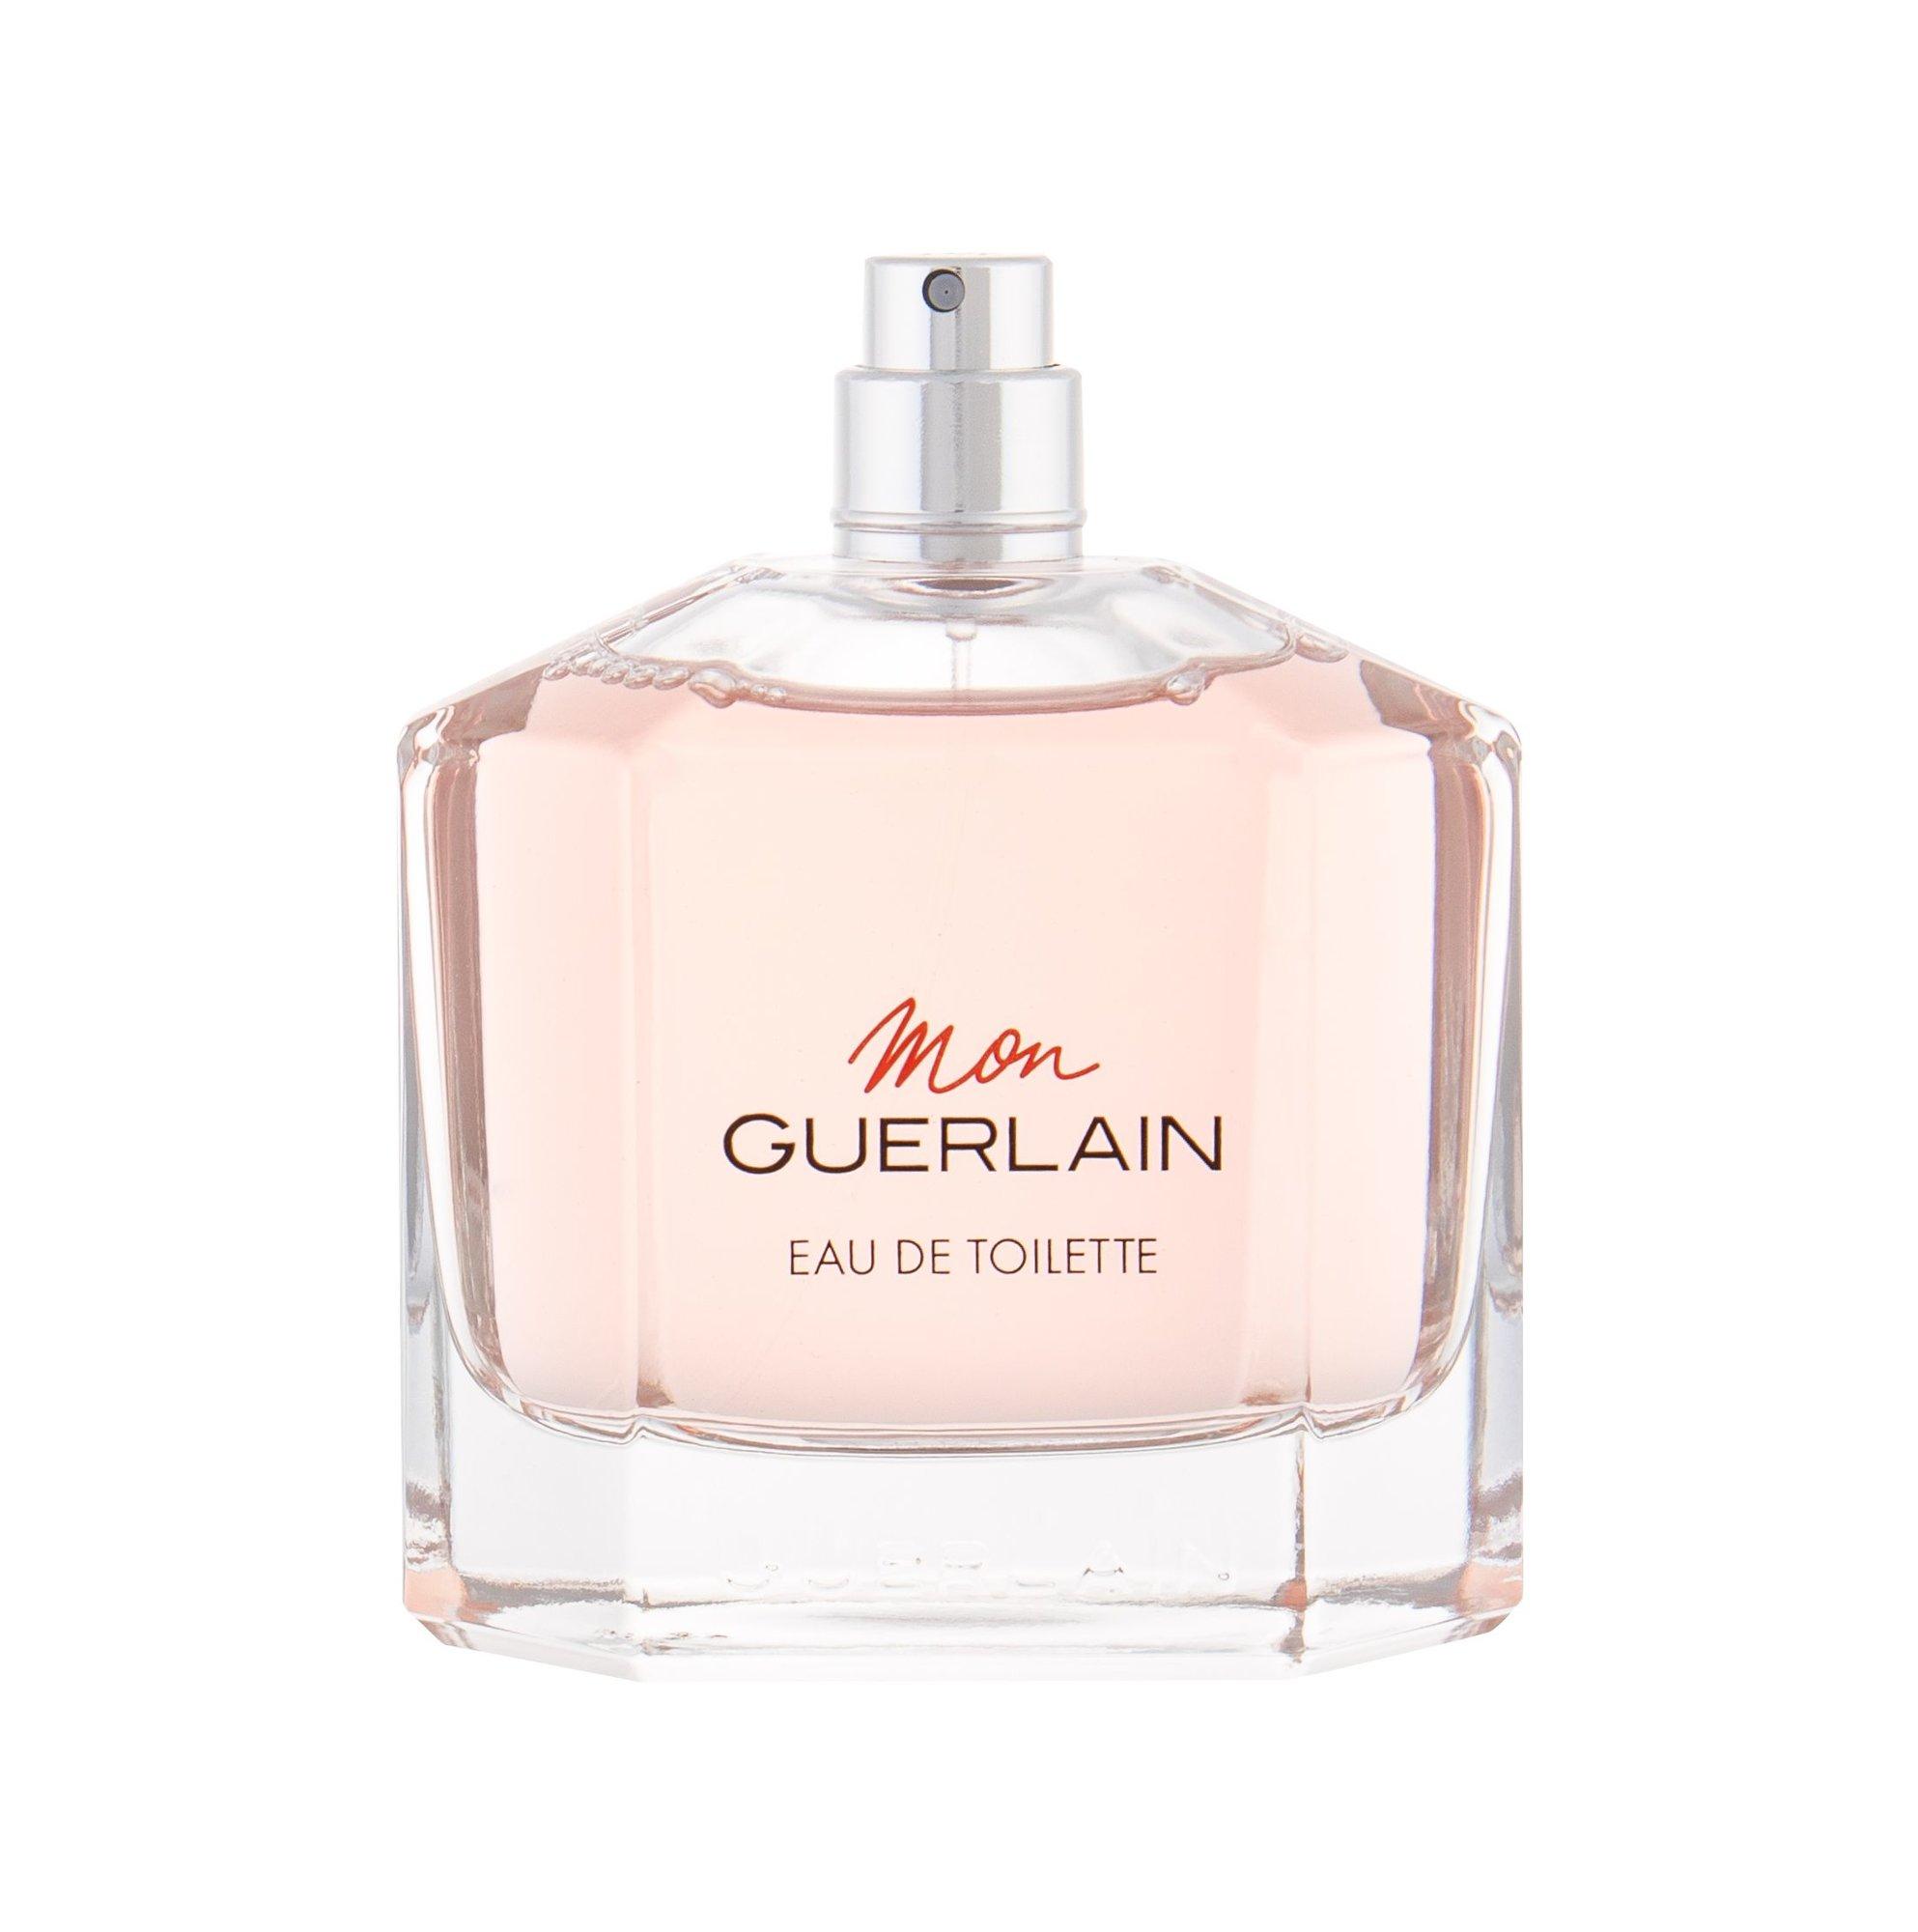 Guerlain Mon Guerlain Eau de Toilette 100ml